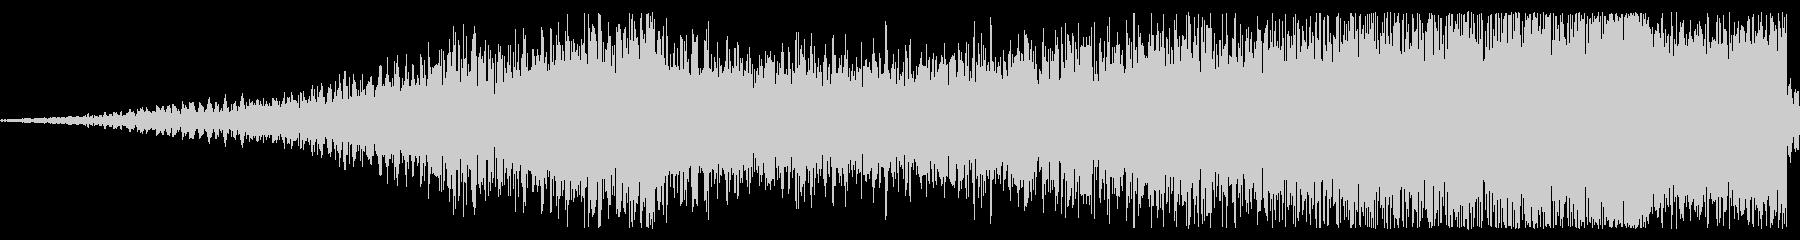 データチューンライザーの未再生の波形